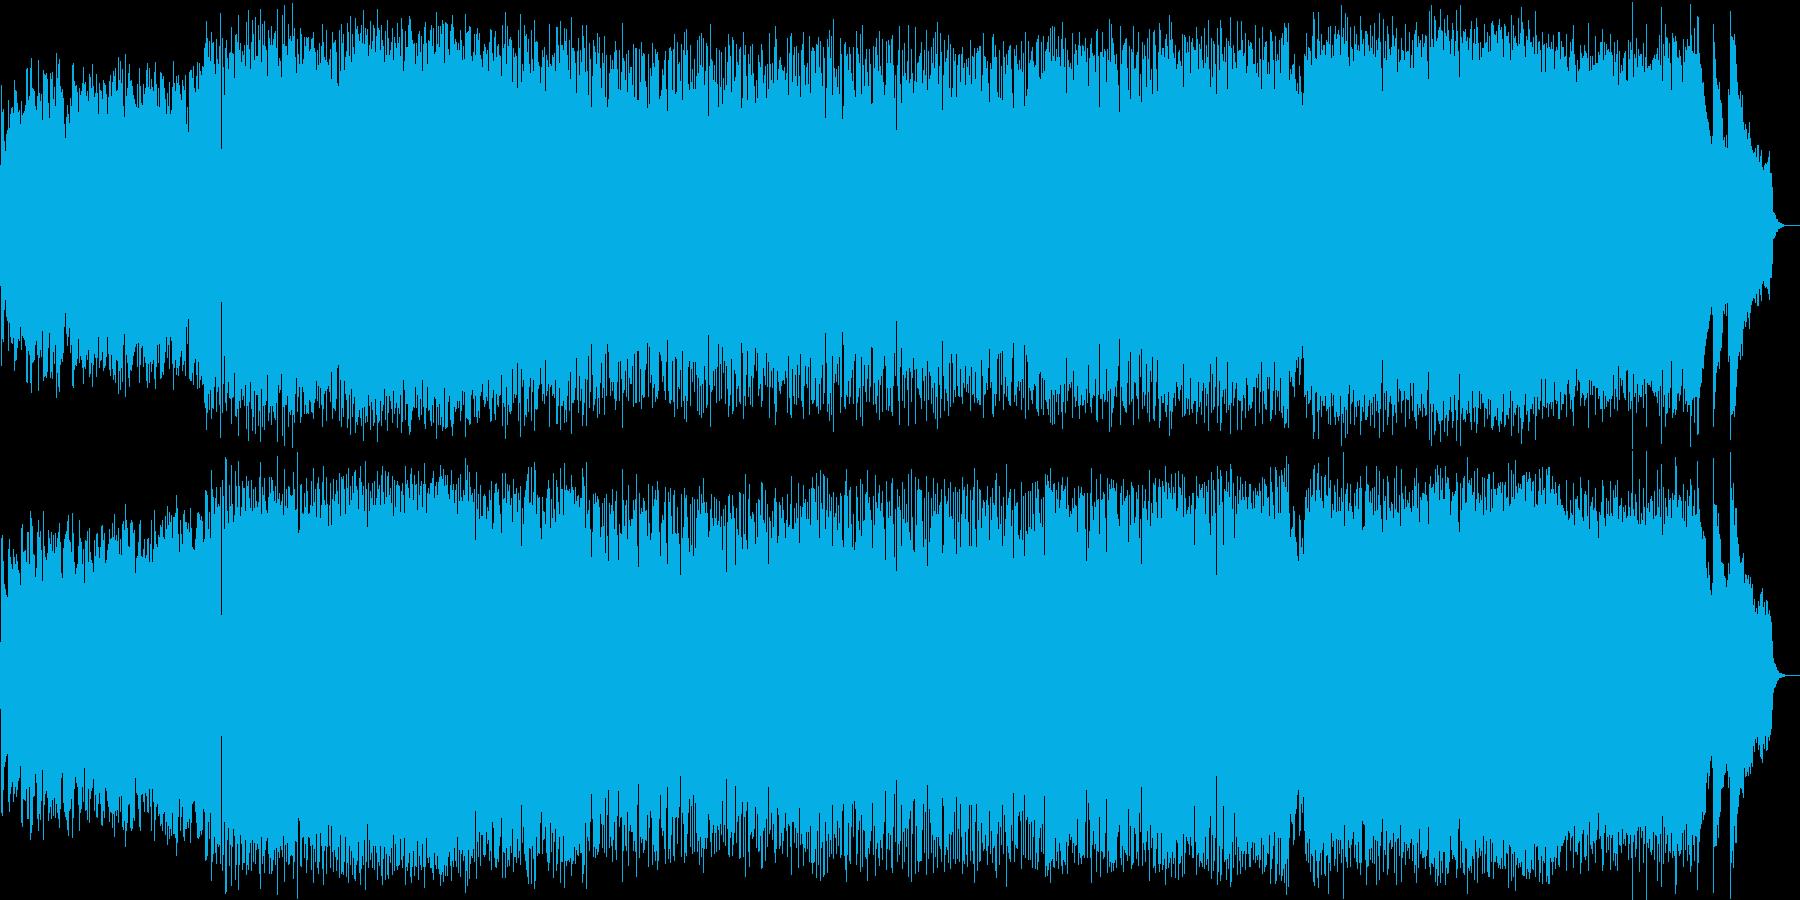 ポップで躍動感のある曲の再生済みの波形